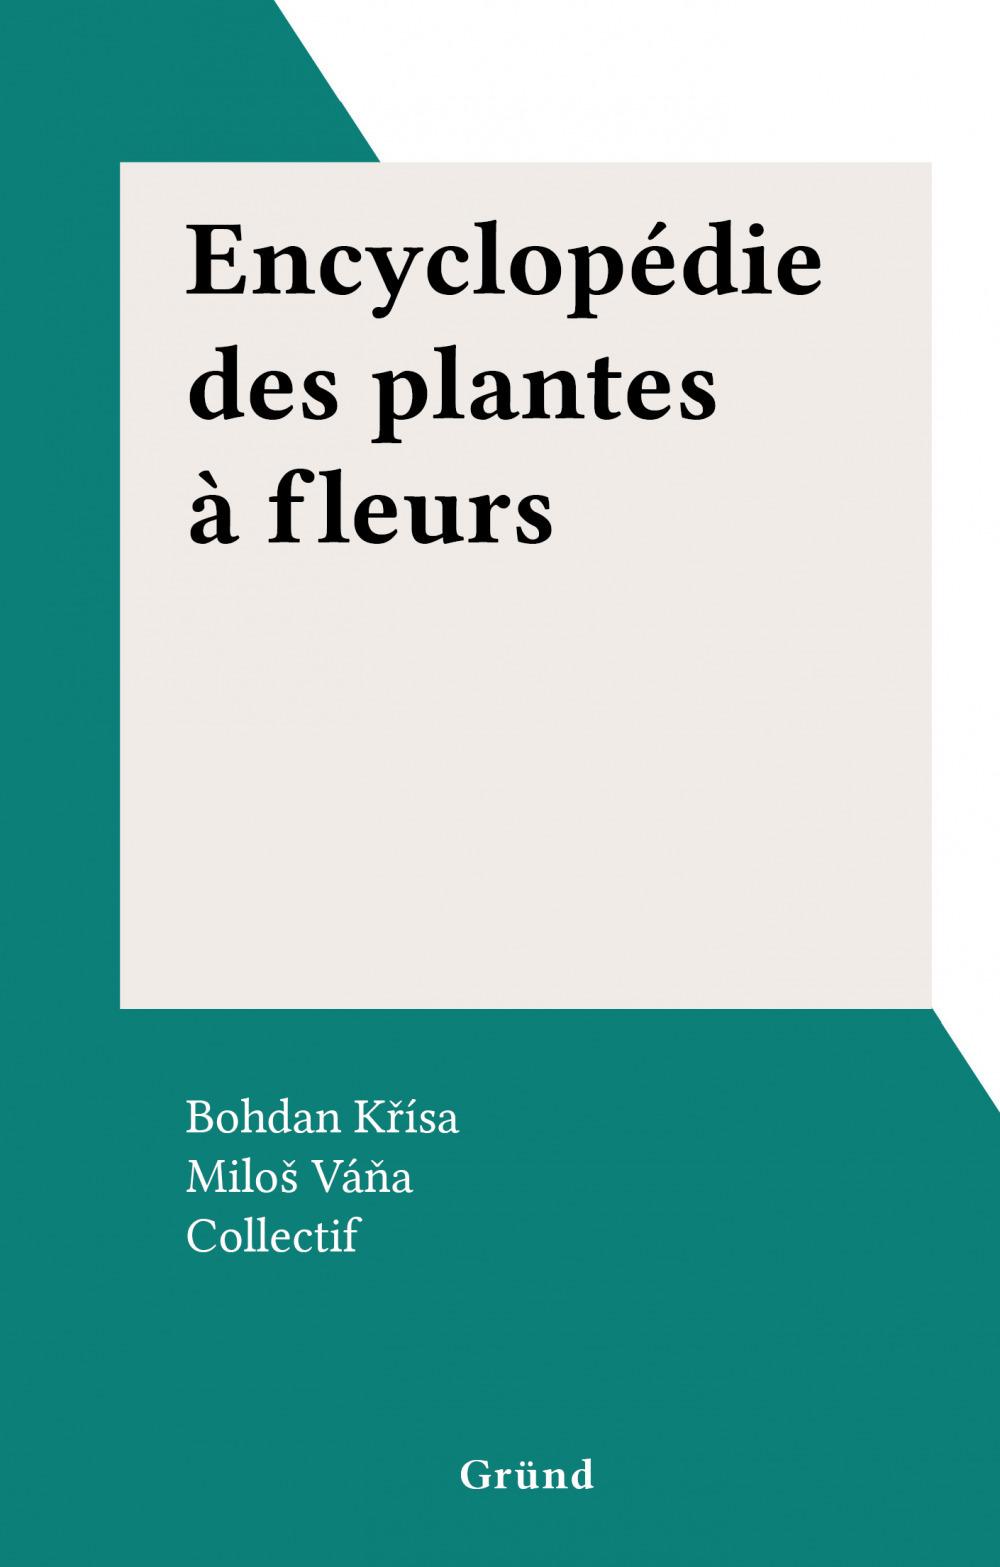 Encyclopédie des plantes à fleurs